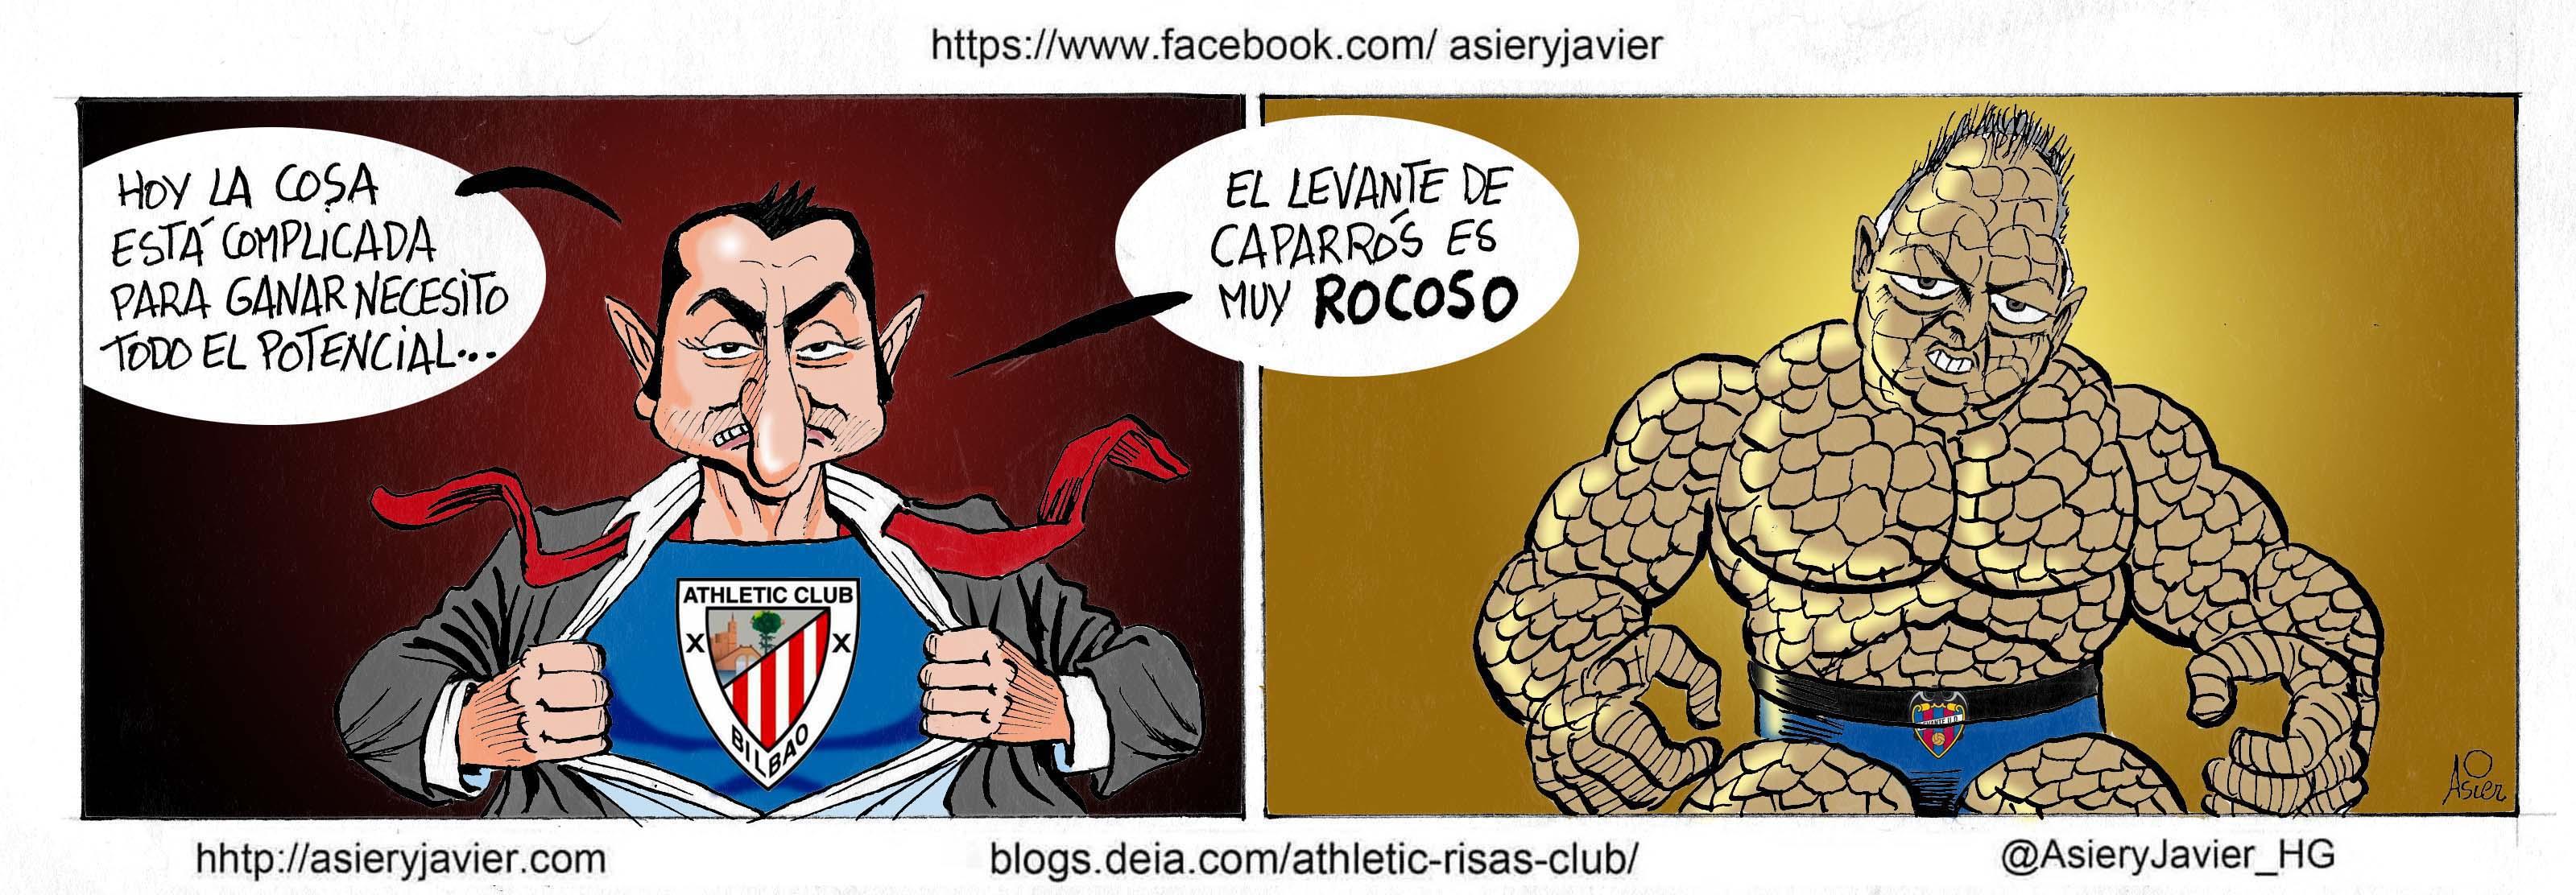 Valverde necesitará hoy todo el potencial del Athletic ante el rocoso Levante de Caparrós